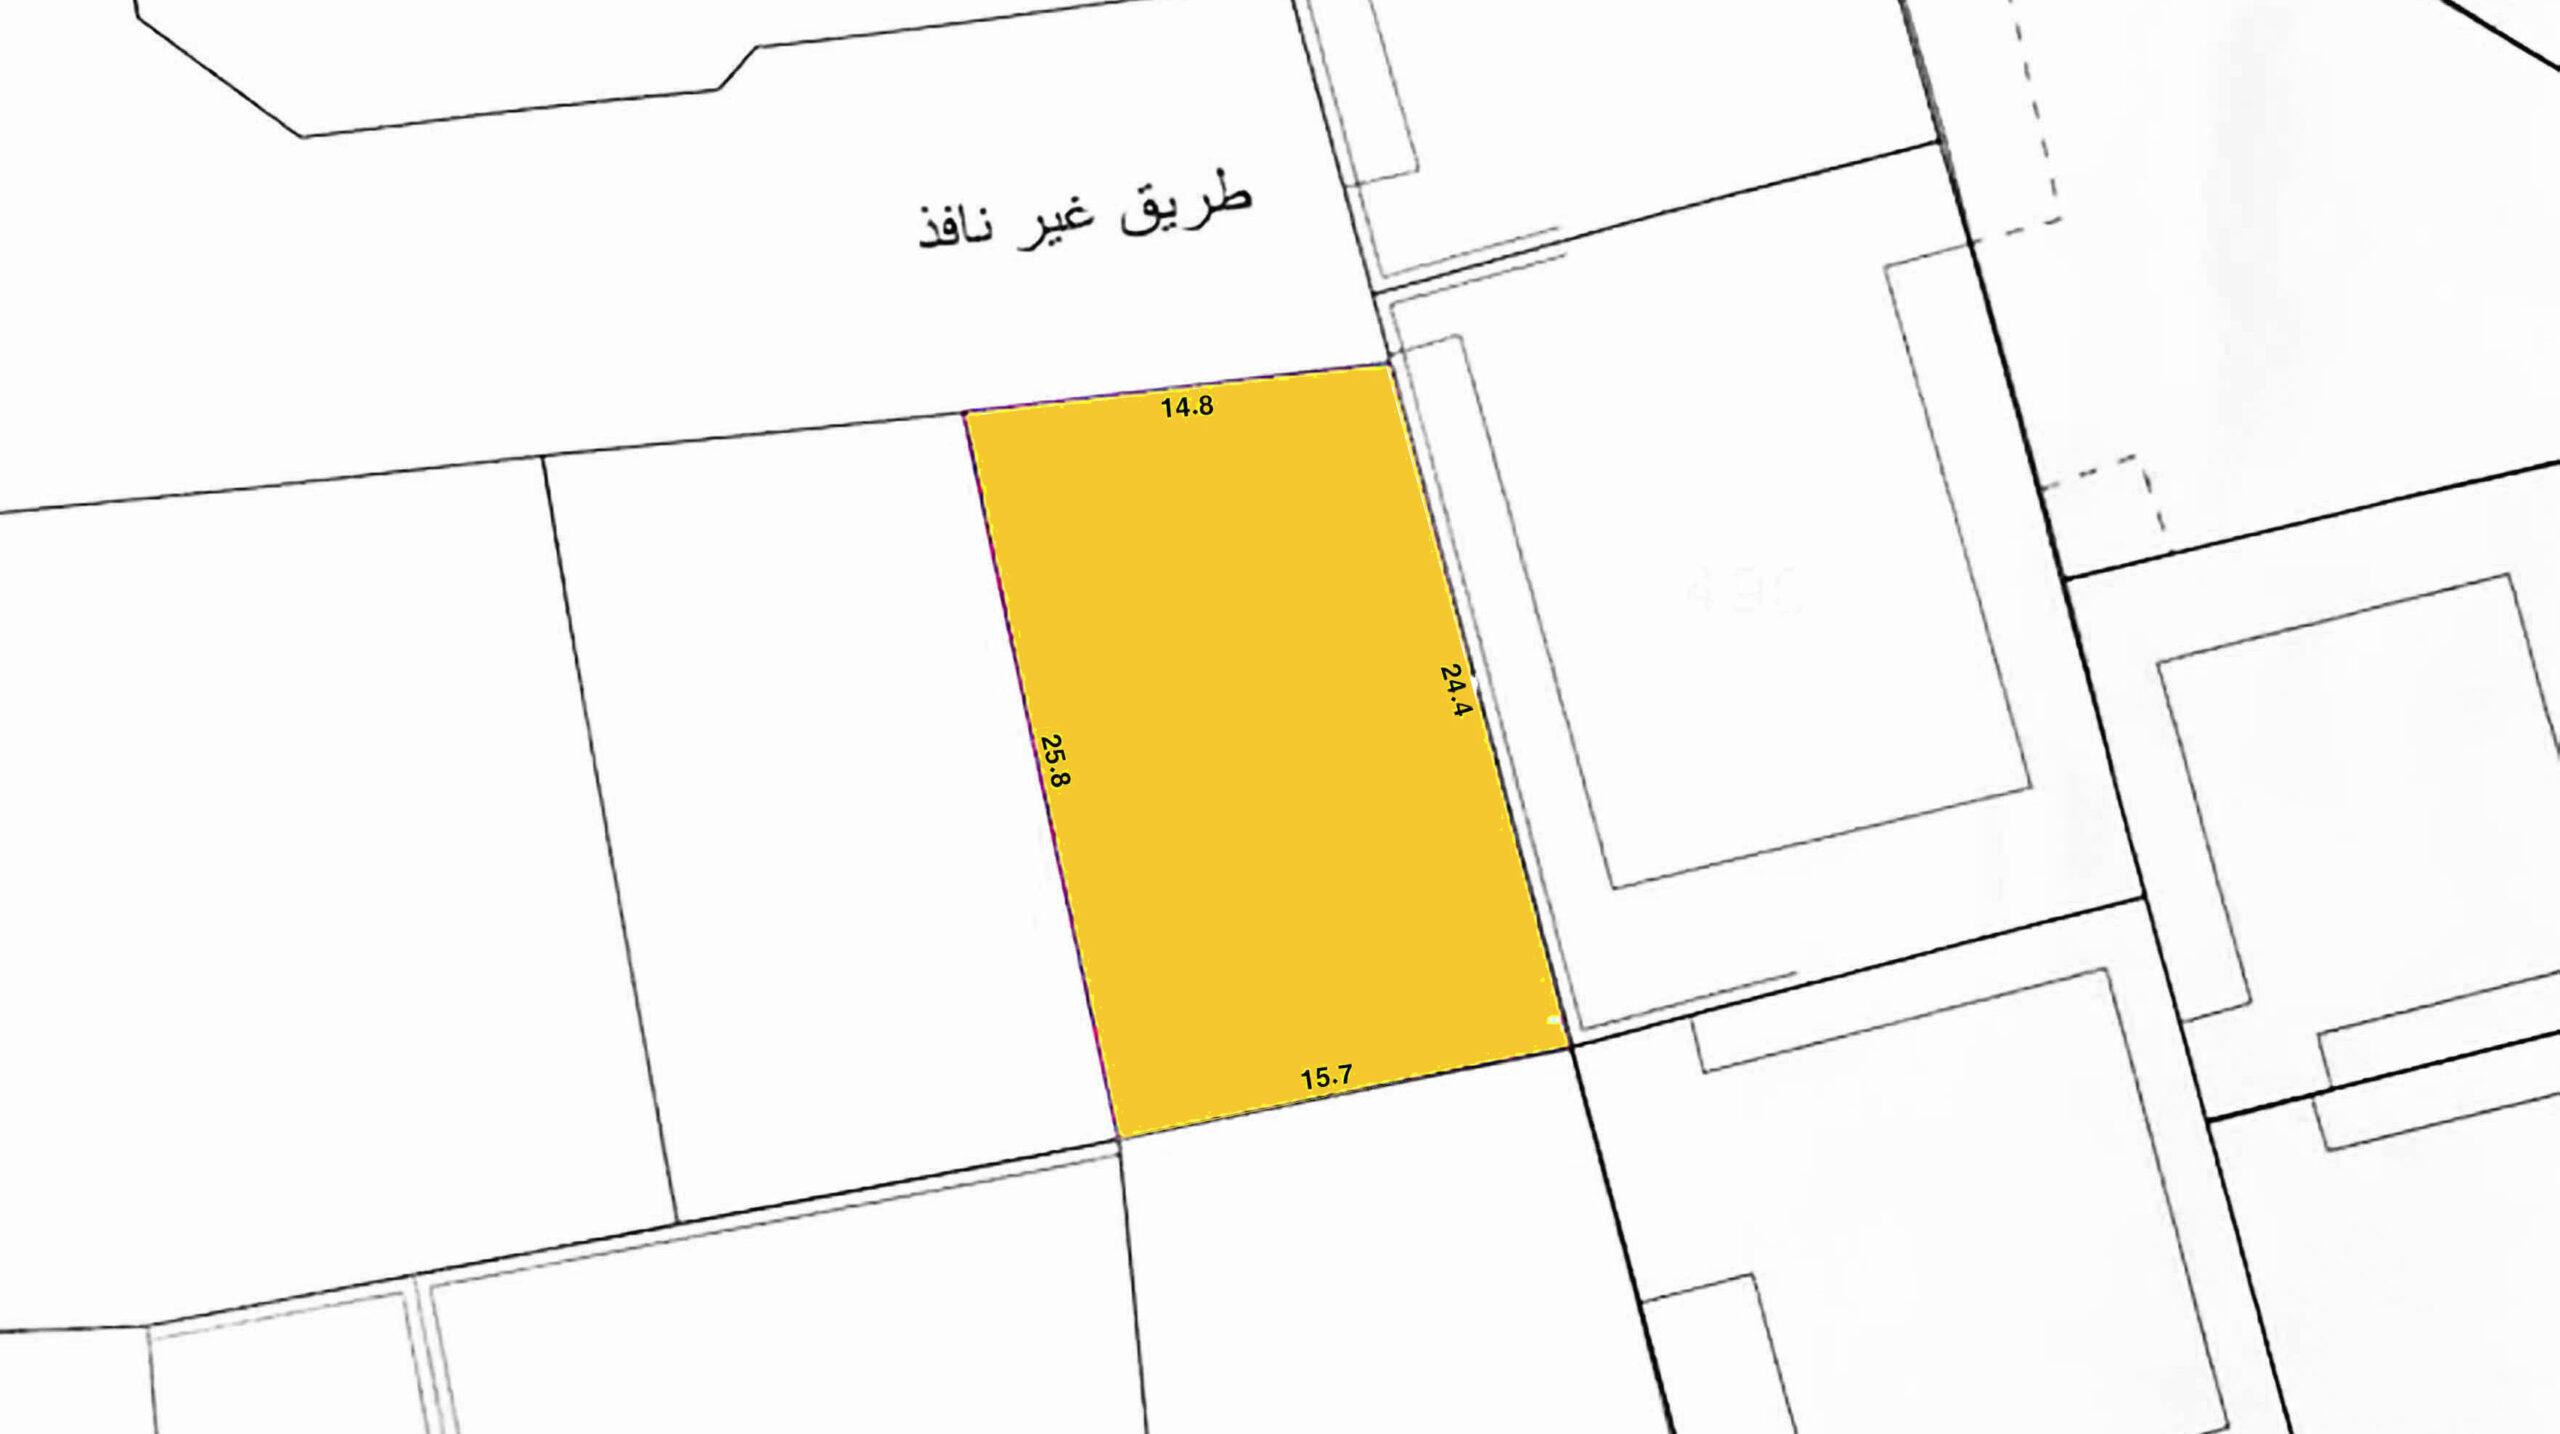 للبيع أرض سكني خاص ( ب ) بمنطقة توبلي